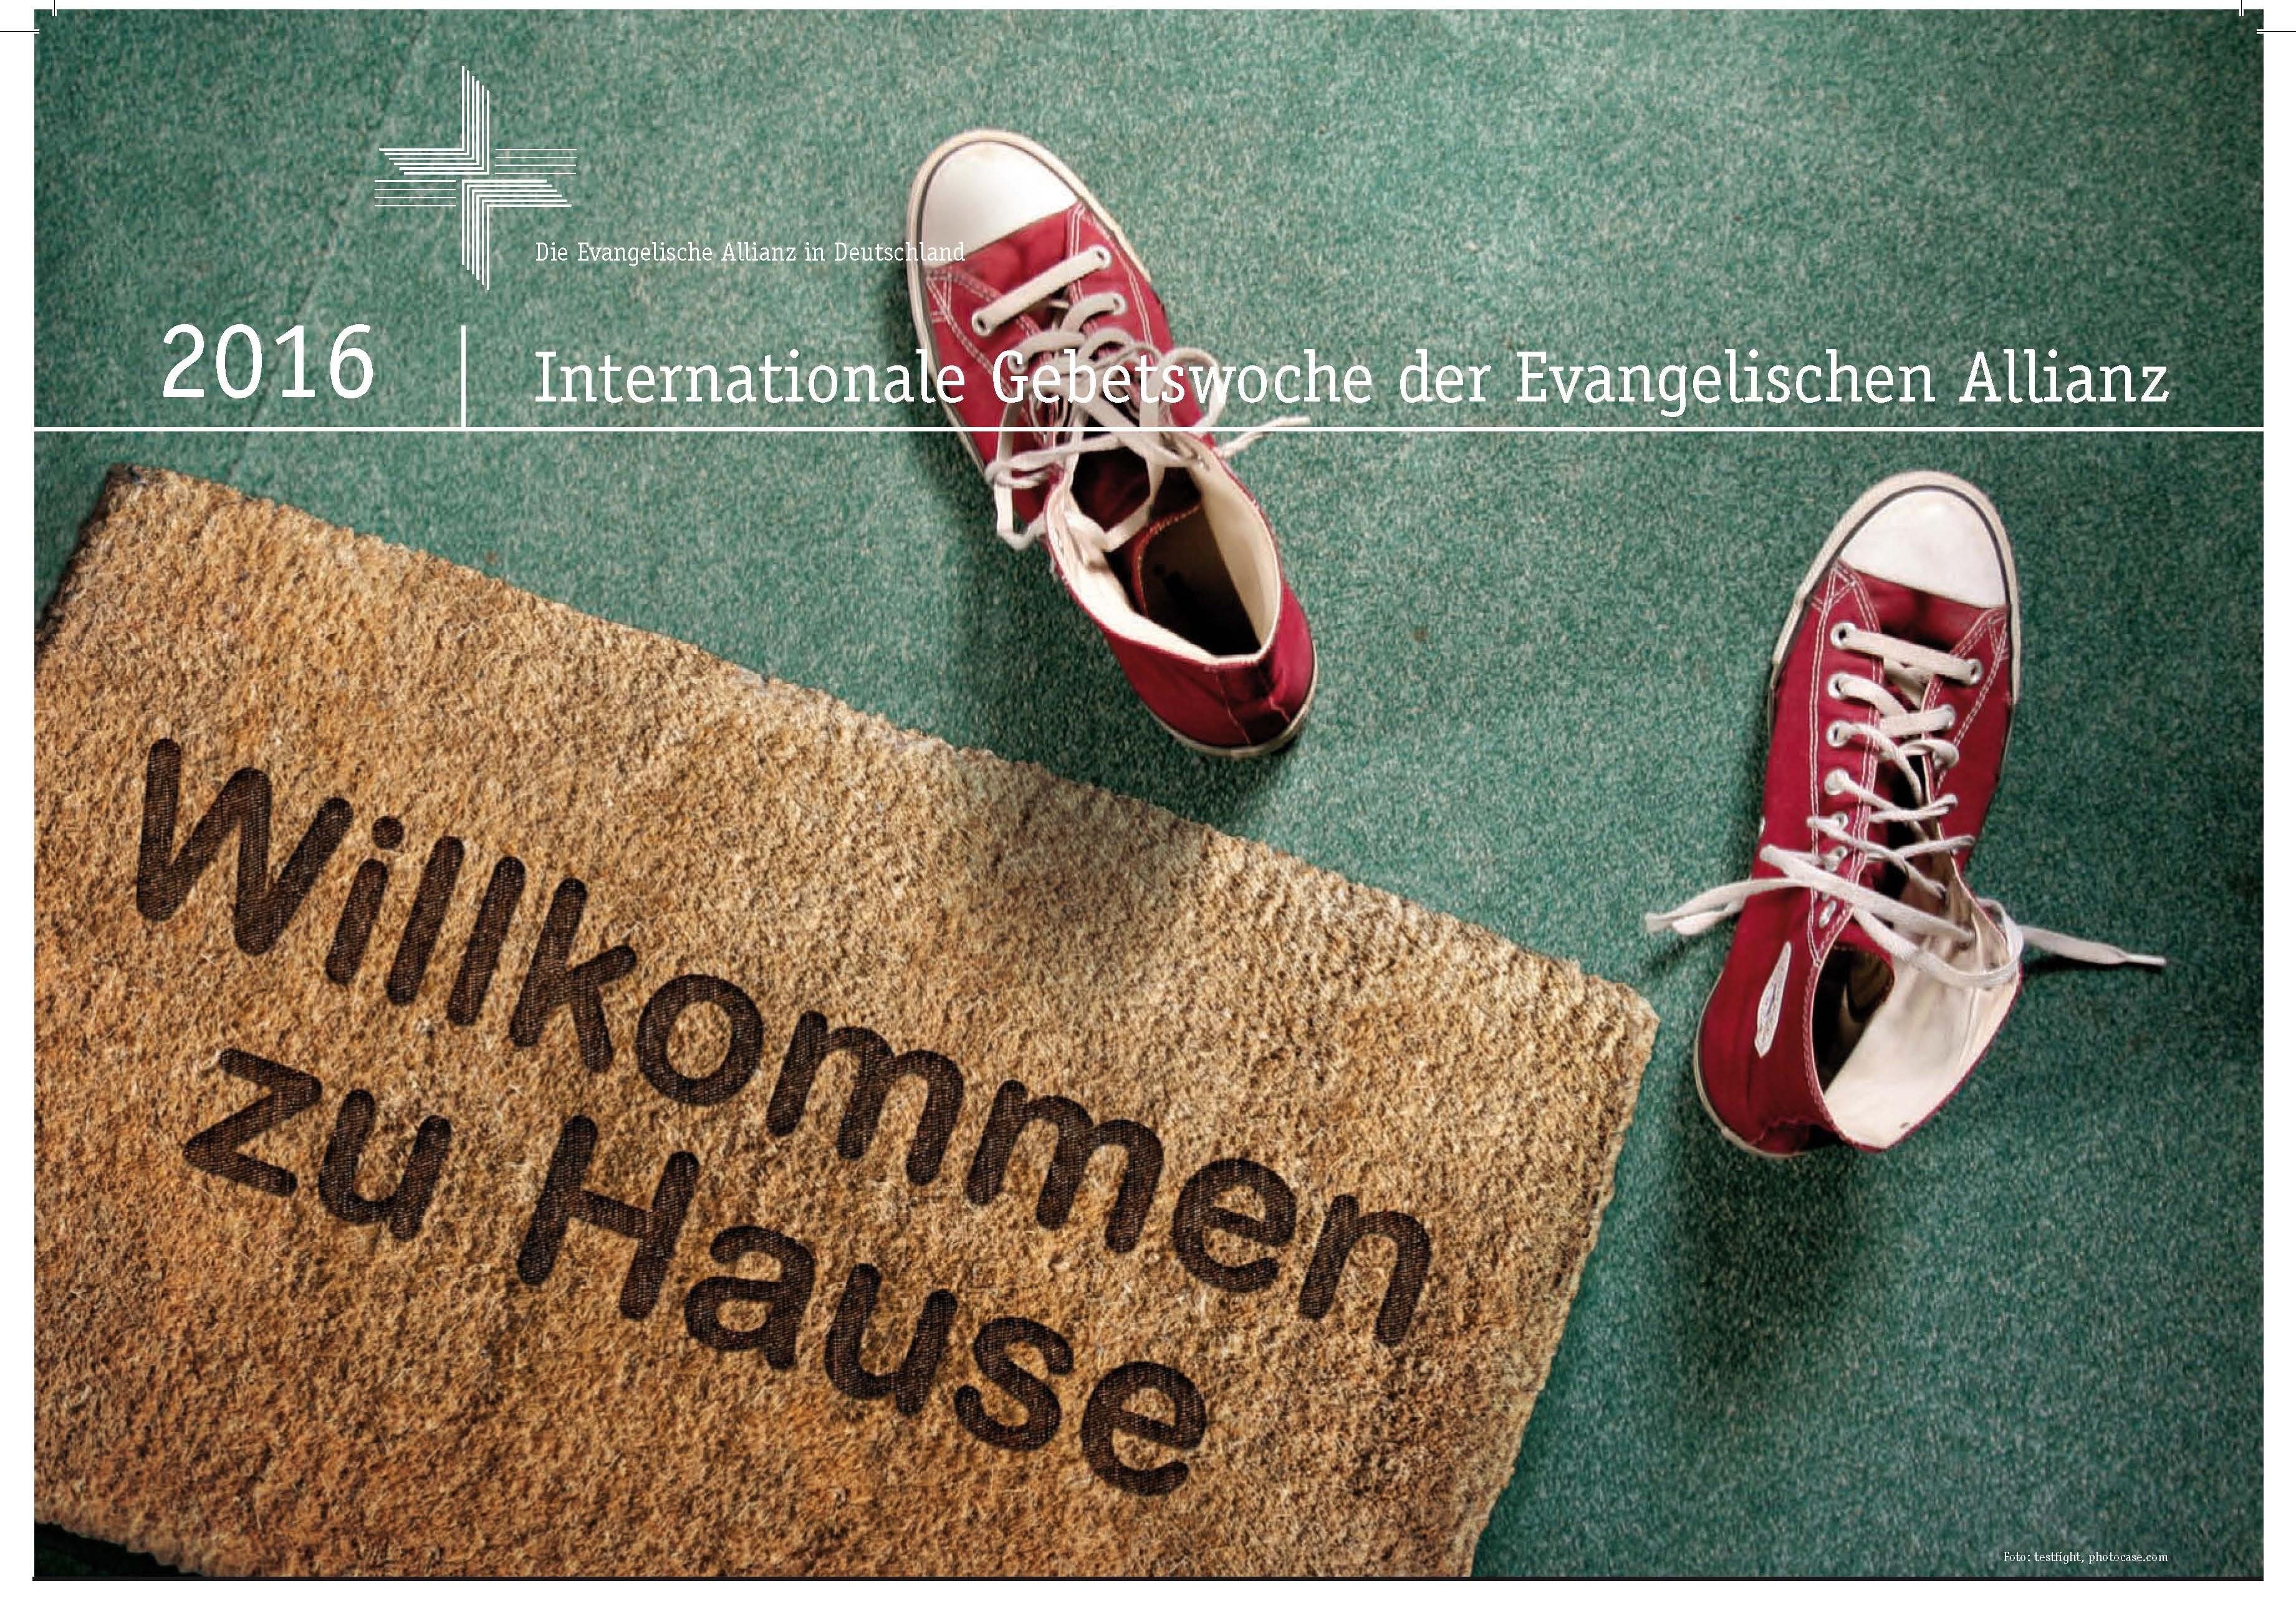 Willkommen Zu Hause  Willkommen zu Hause – Kirchgemeinde Obercrinitz